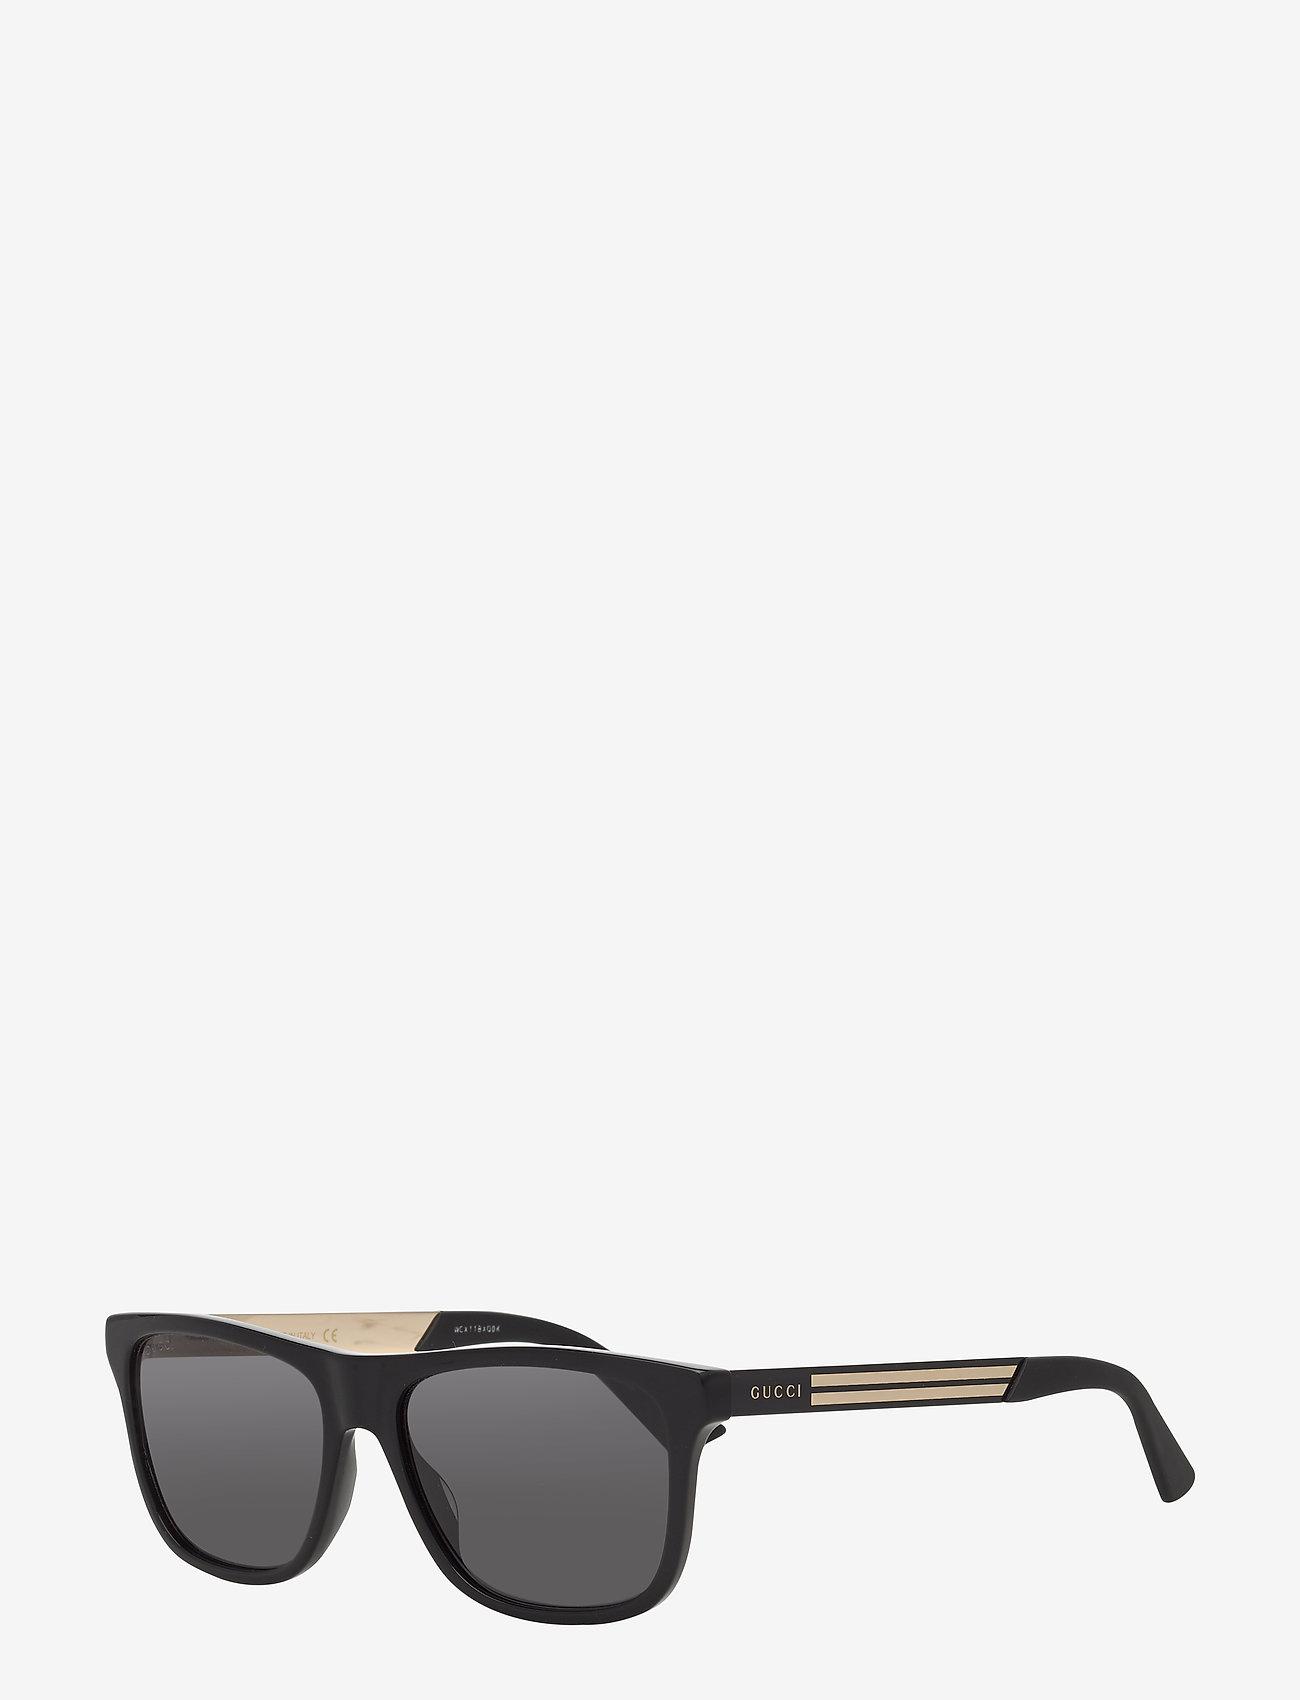 Gucci Sunglasses - GG0687S - okulary przeciwsłoneczne w kształcie litery d - black-black-grey - 1